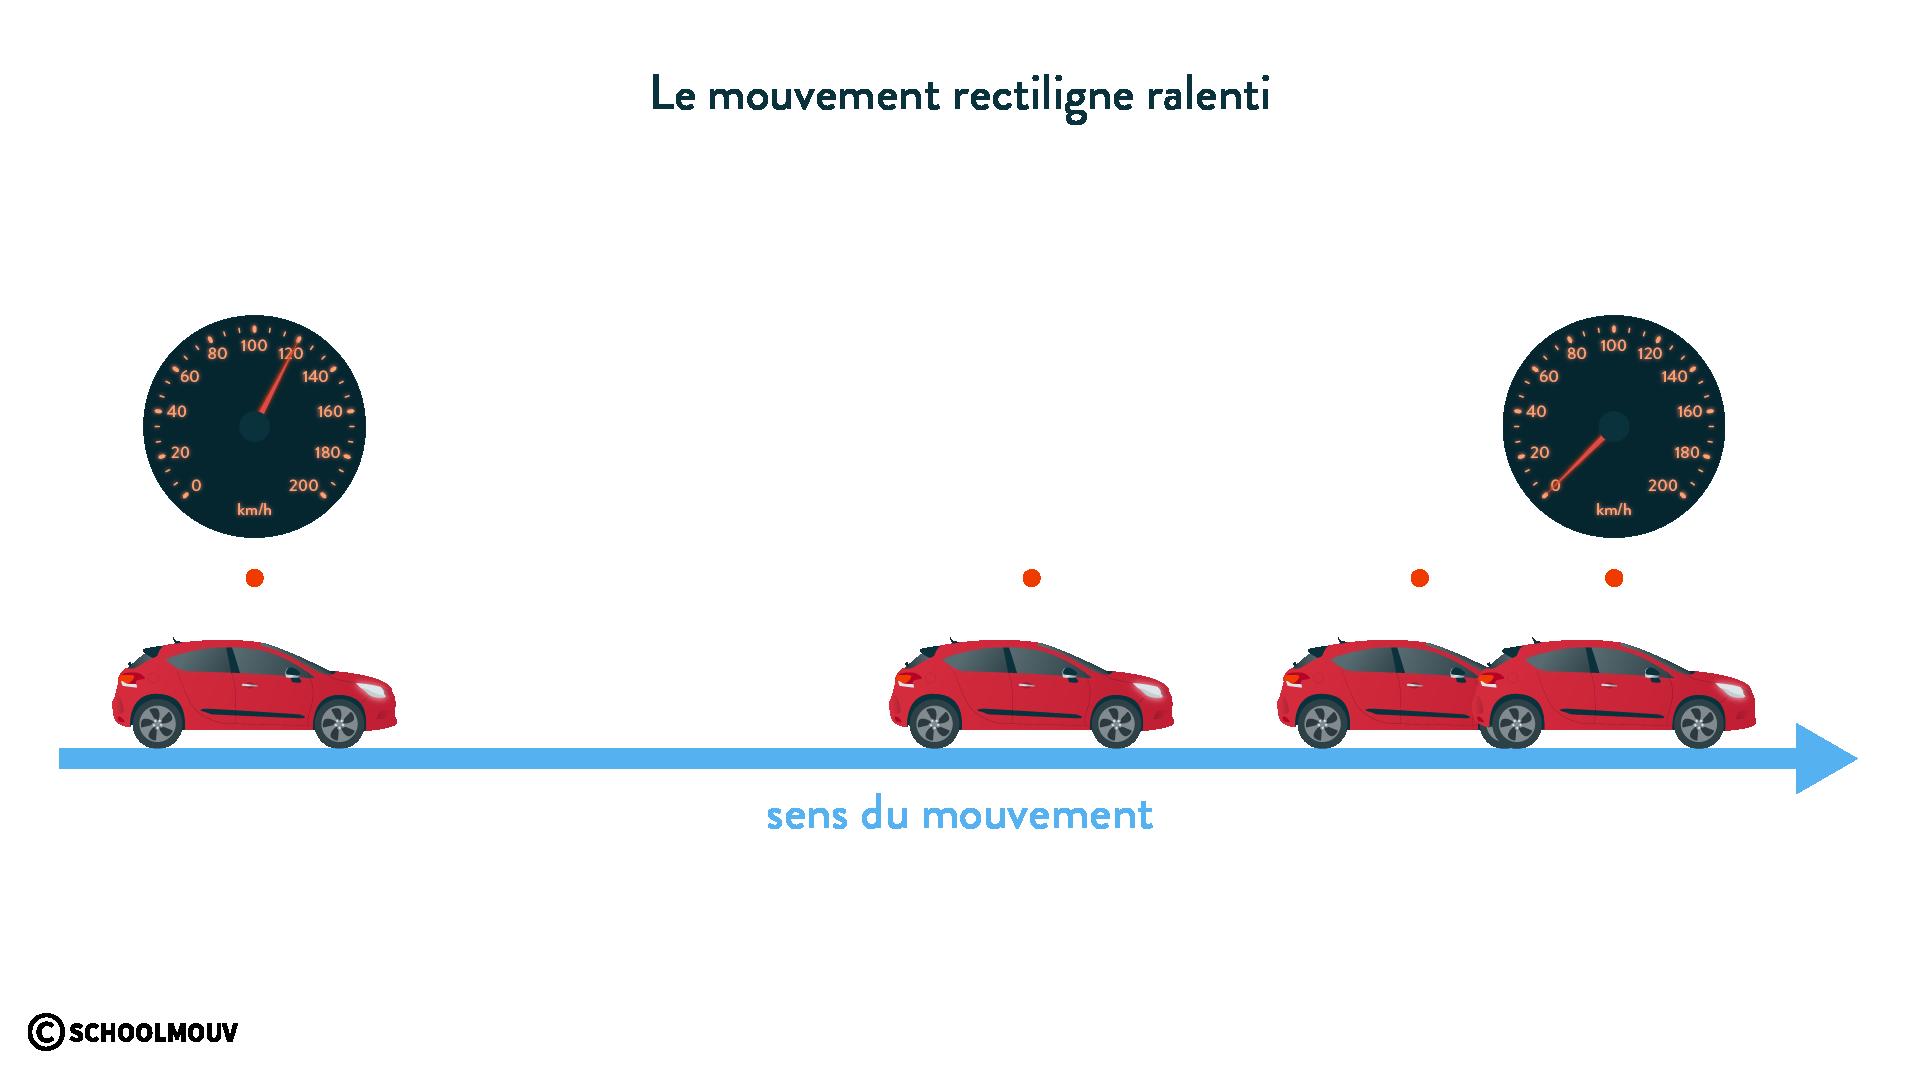 Le mouvement rectiligne ralenti d'une voiture physique chimie 6eme schoolmouv